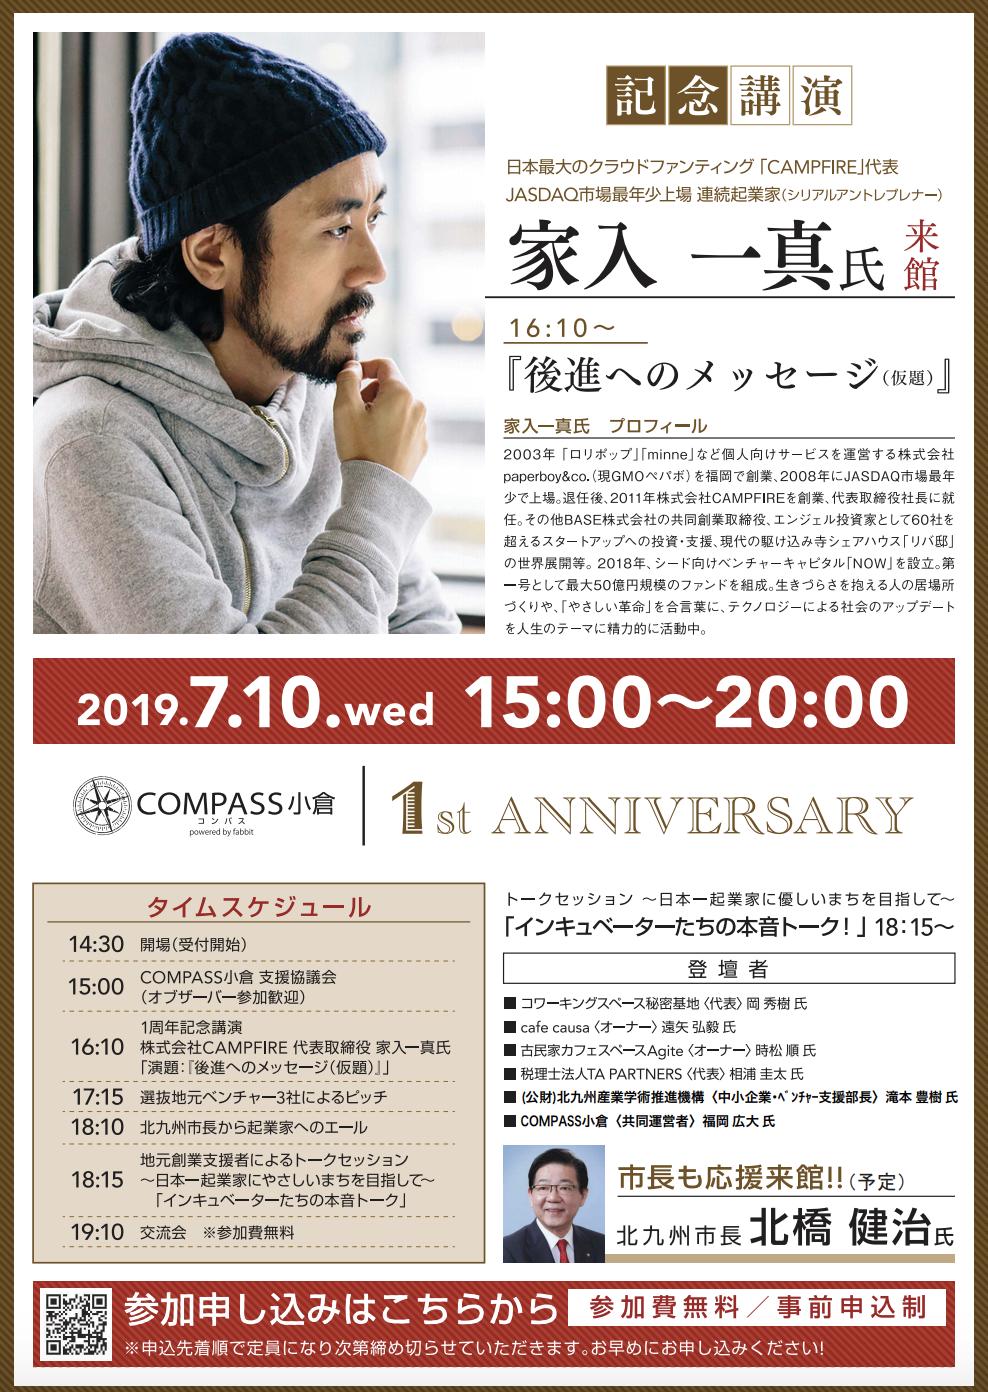 COMPASS小倉リニューアル1周年記念イベントメイン画像